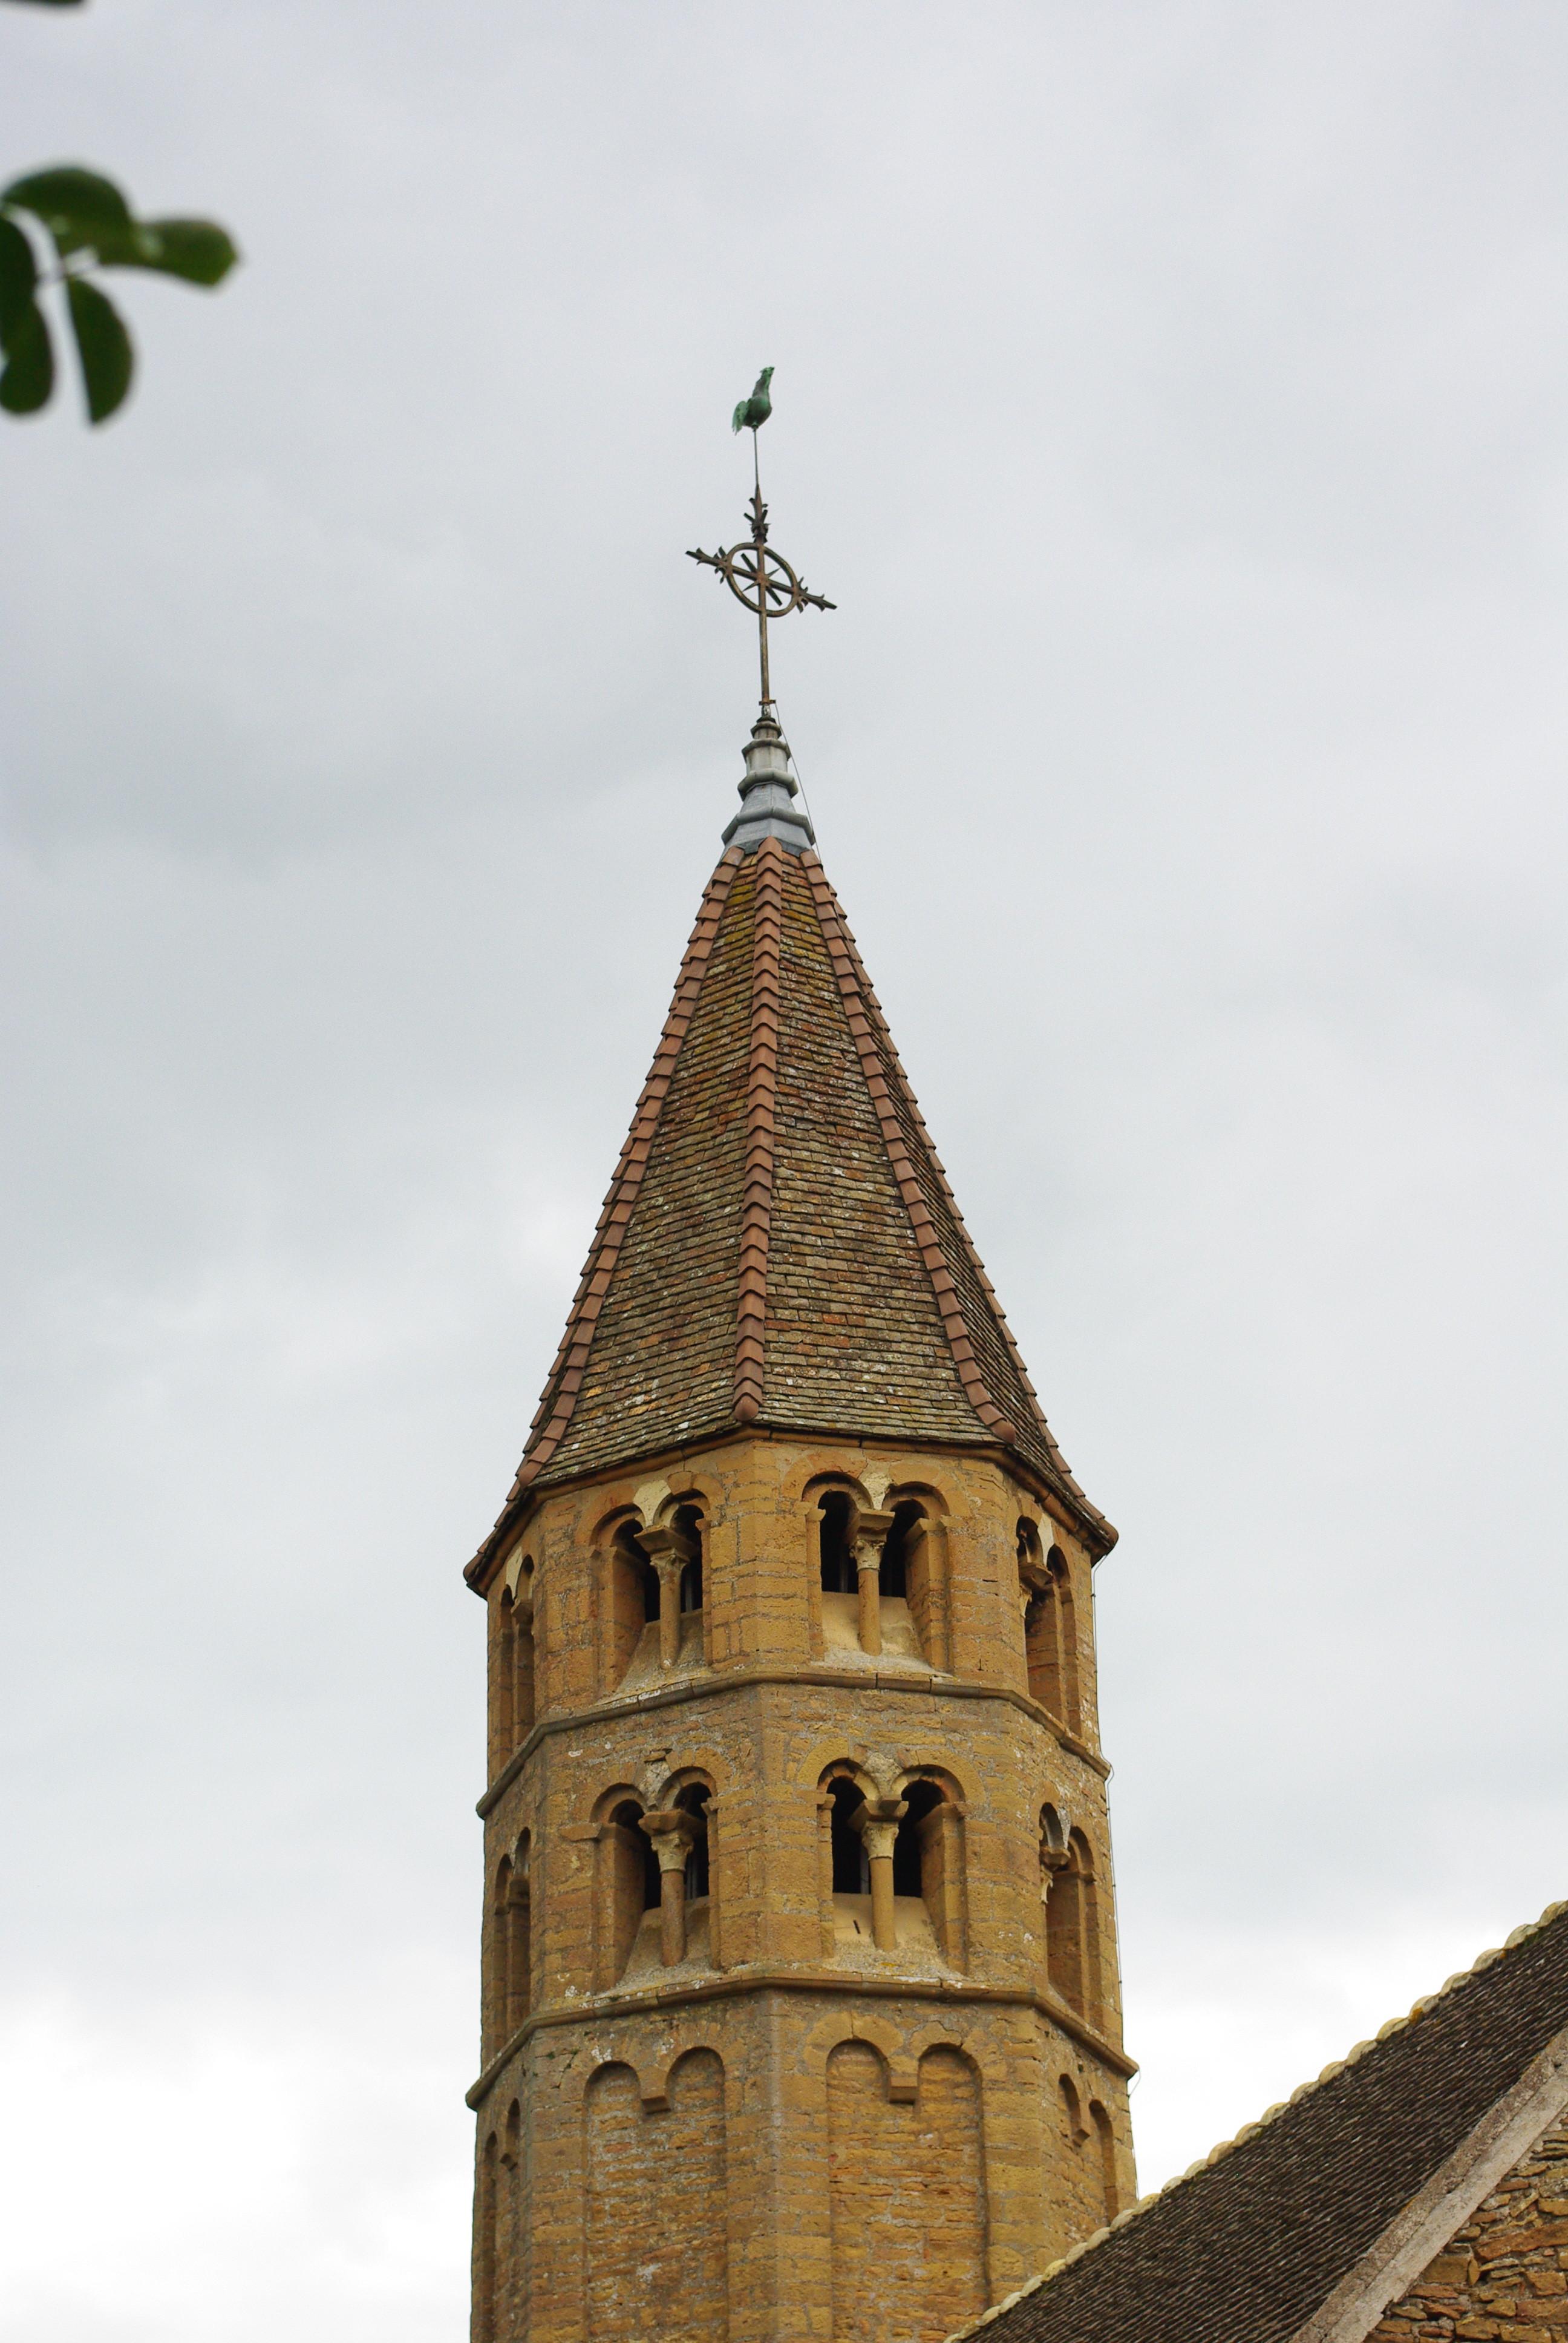 Narbonne Version 3 1: File:Clocher De L'église De Loché (71)